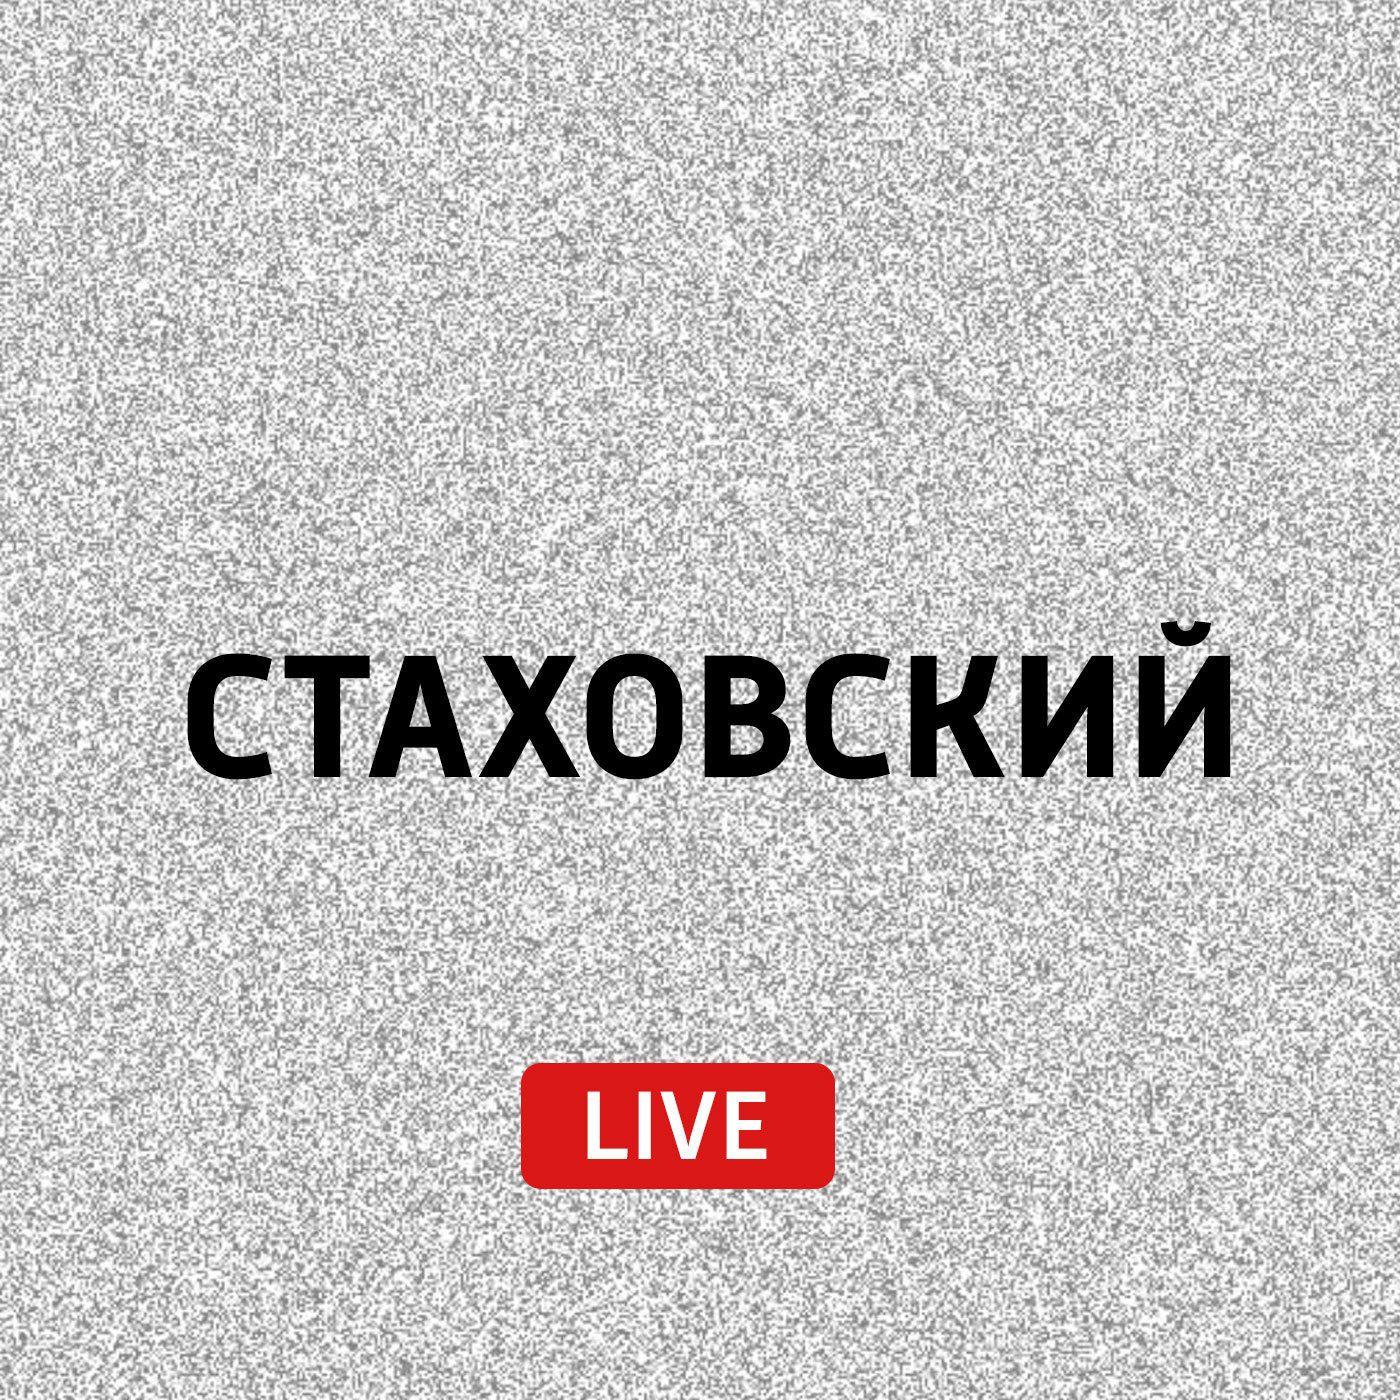 Евгений Стаховский Карл Лагерфельд, премия Оскар и не только обувь карл лагерфельд купить